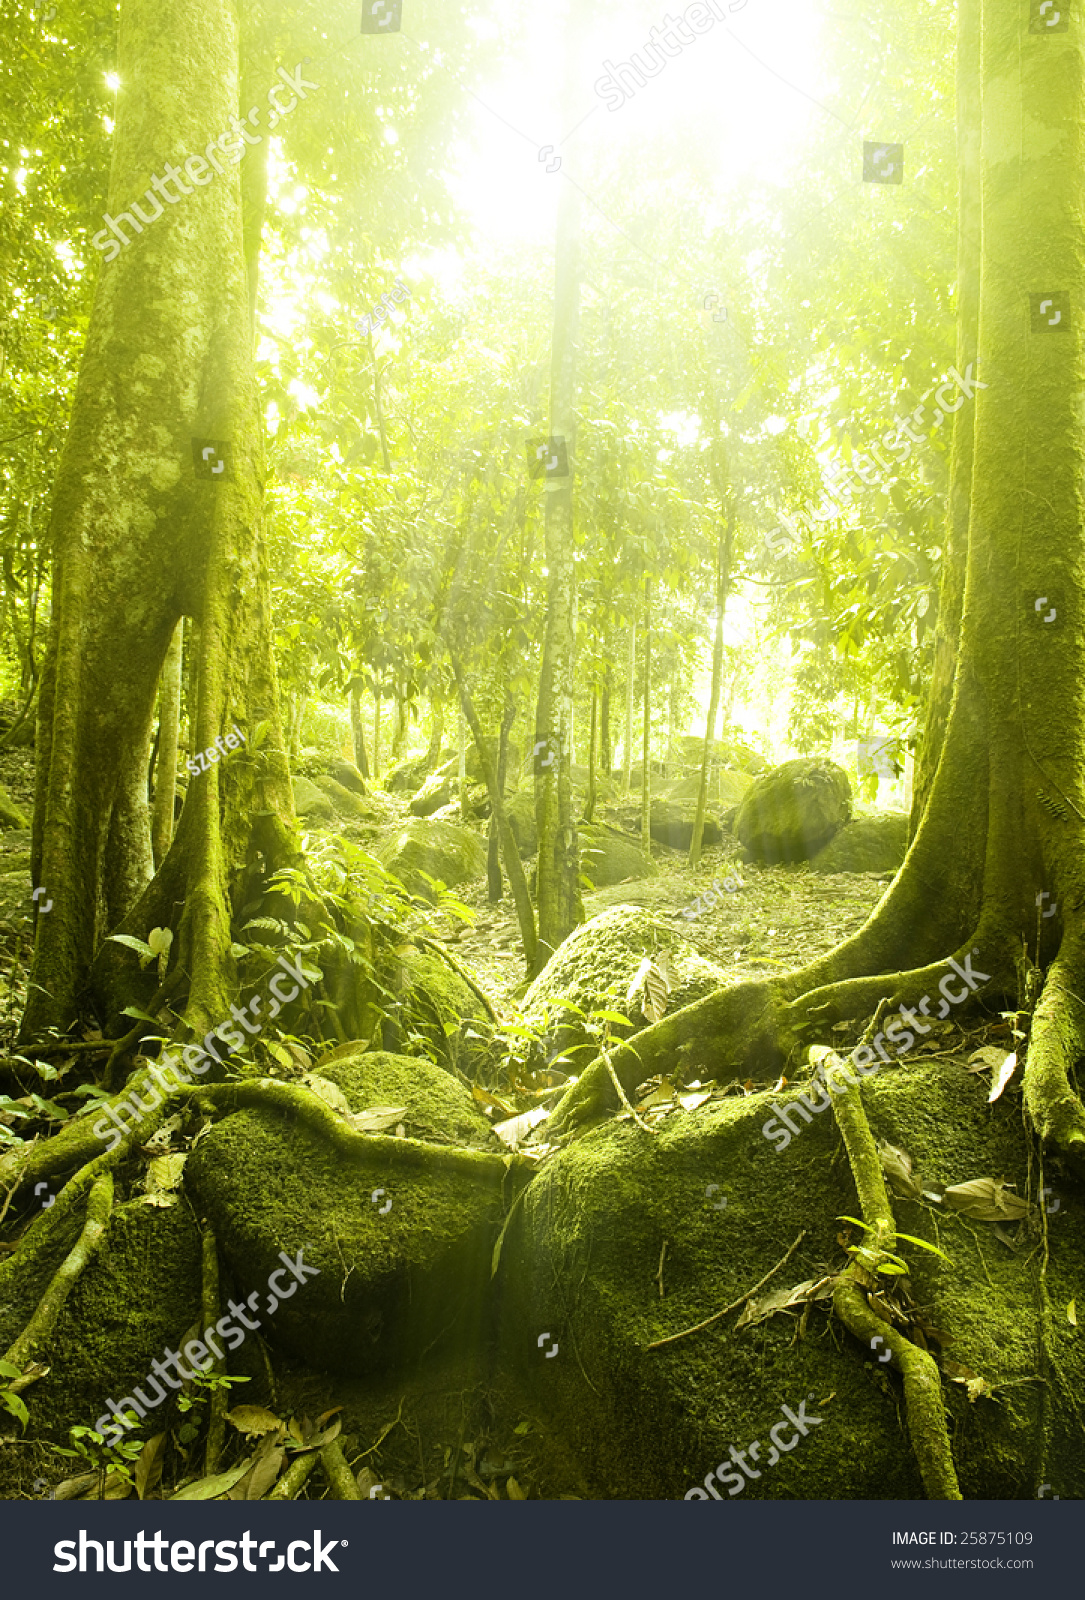 壁纸 风景 植物 桌面 1085_1600 竖版 竖屏 手机